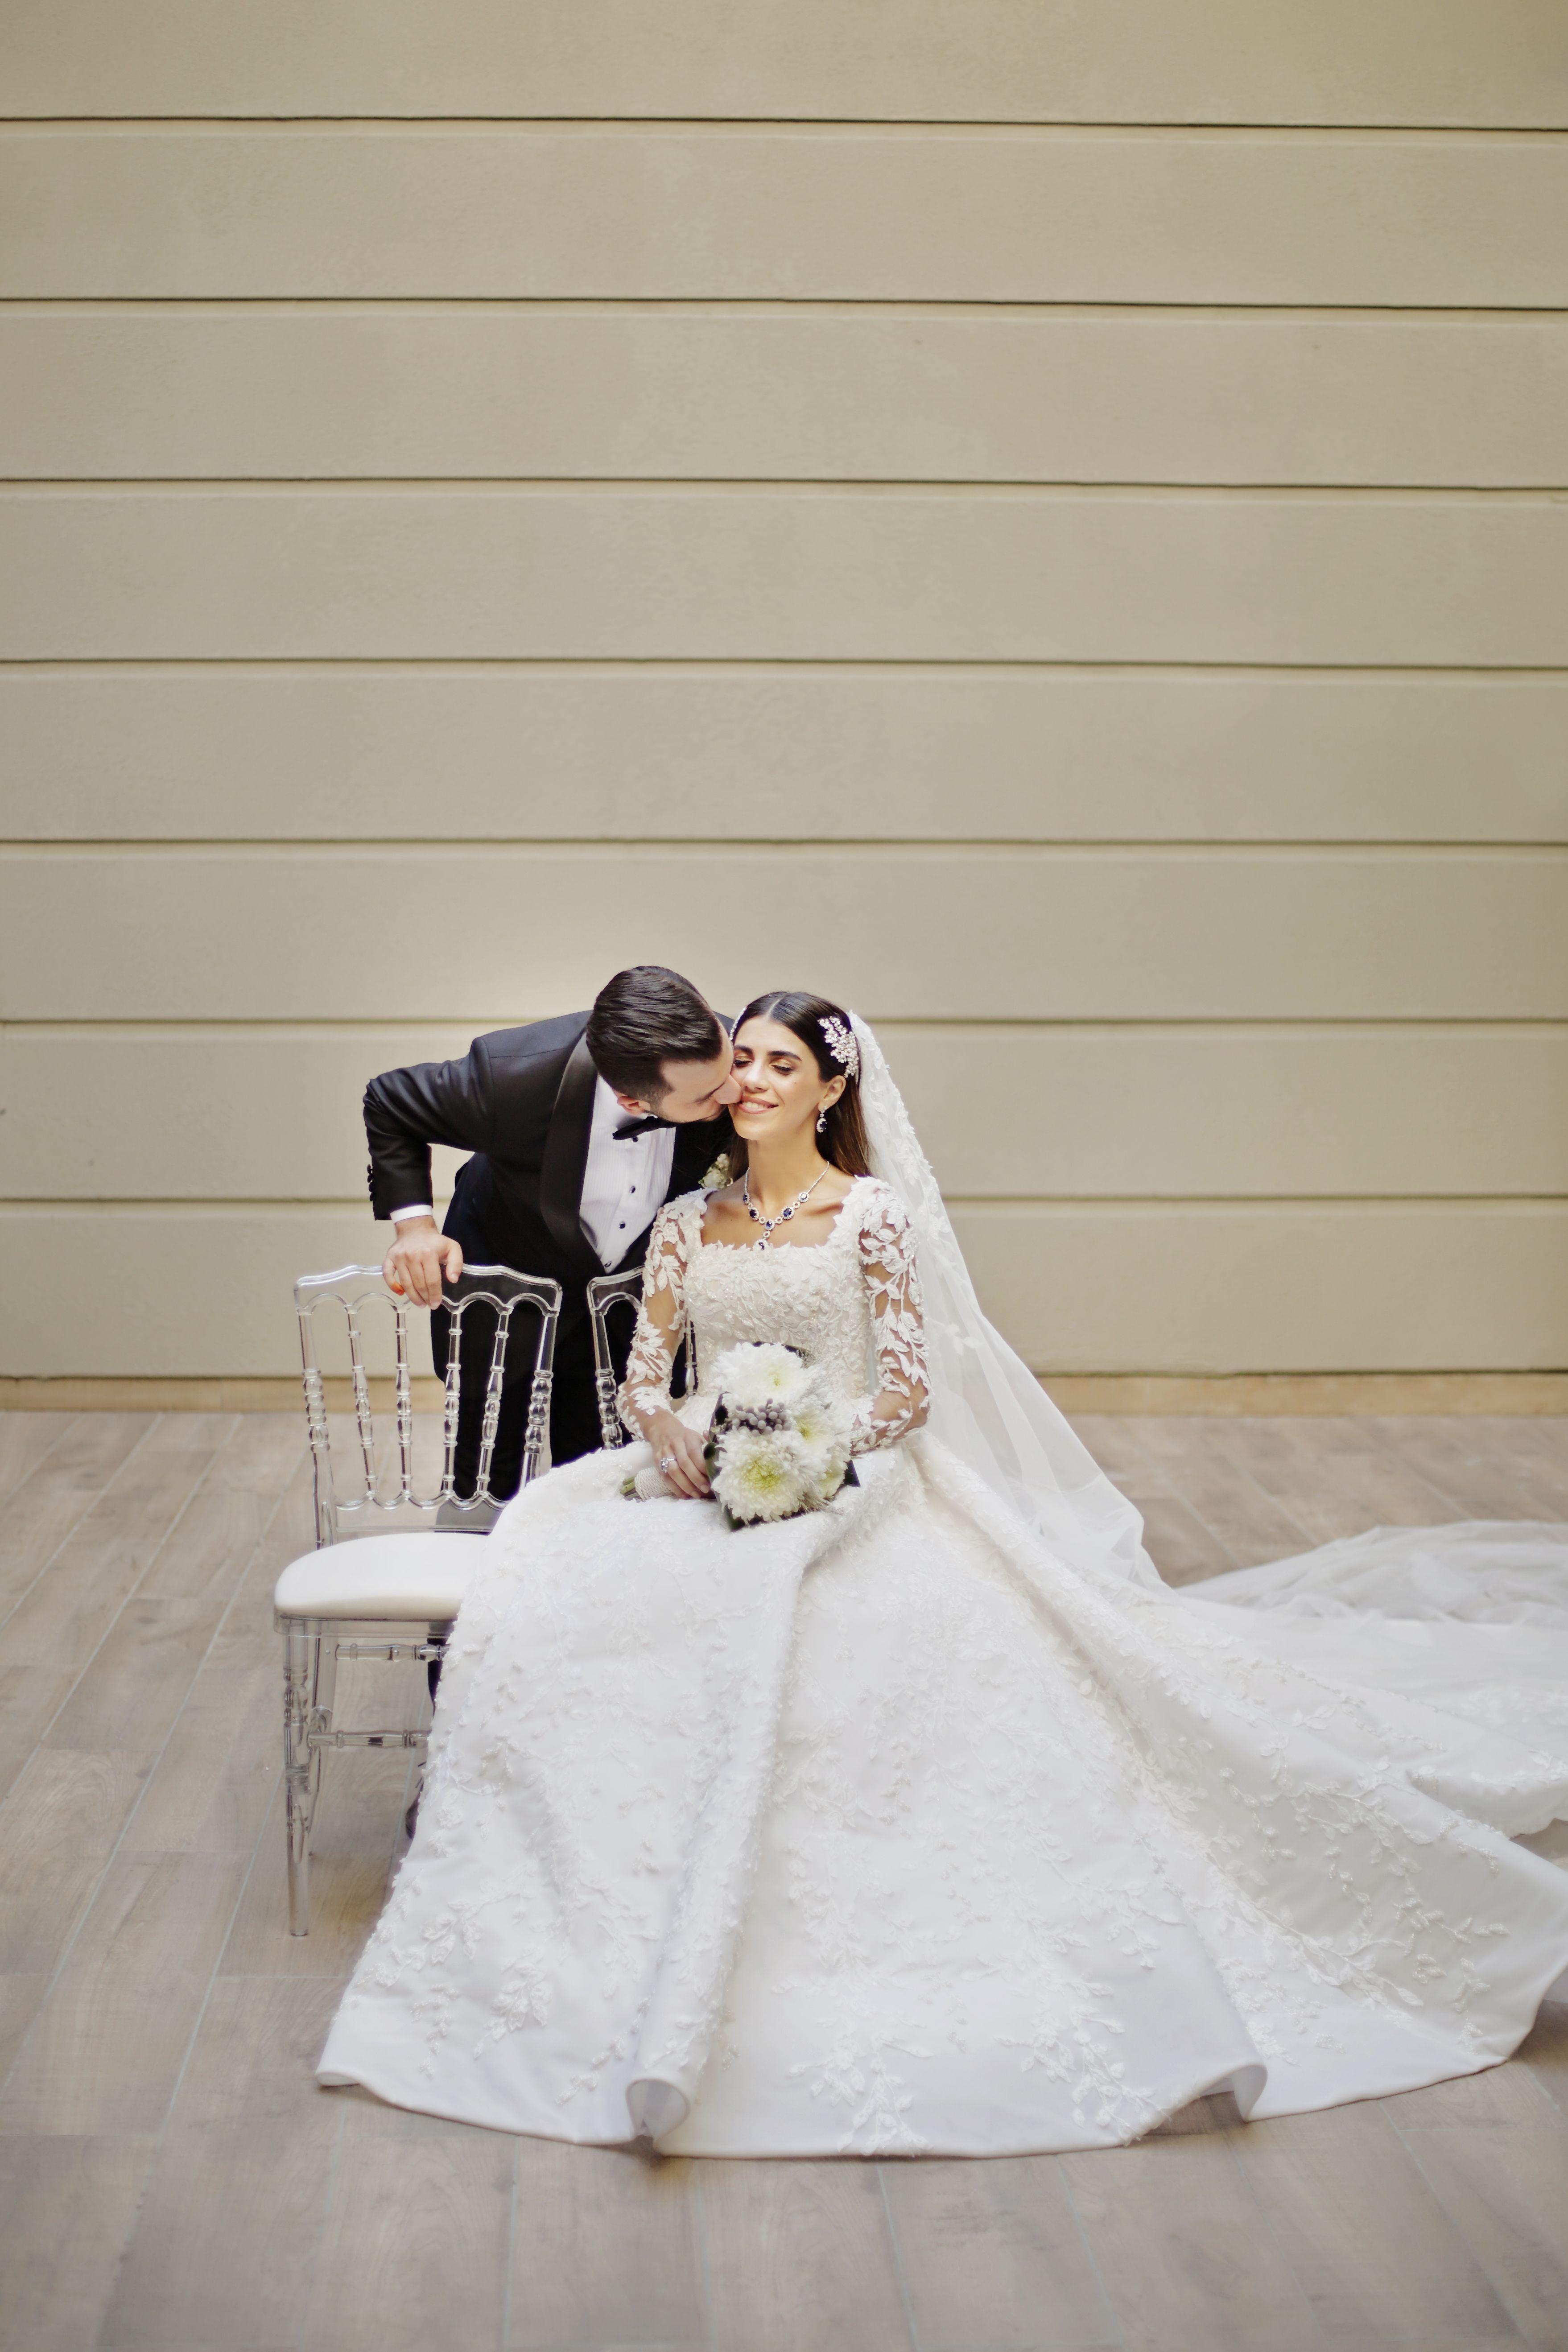 Seda & Serhat #duguncekımlerı #hikaye #fotoğraf #wedding #weddingphotographer #bride #gelin #damat #gelinlik #fotoğraf #anı #düğün #kısafilm #film #gelinbuketi #weddingring #married #ask #an